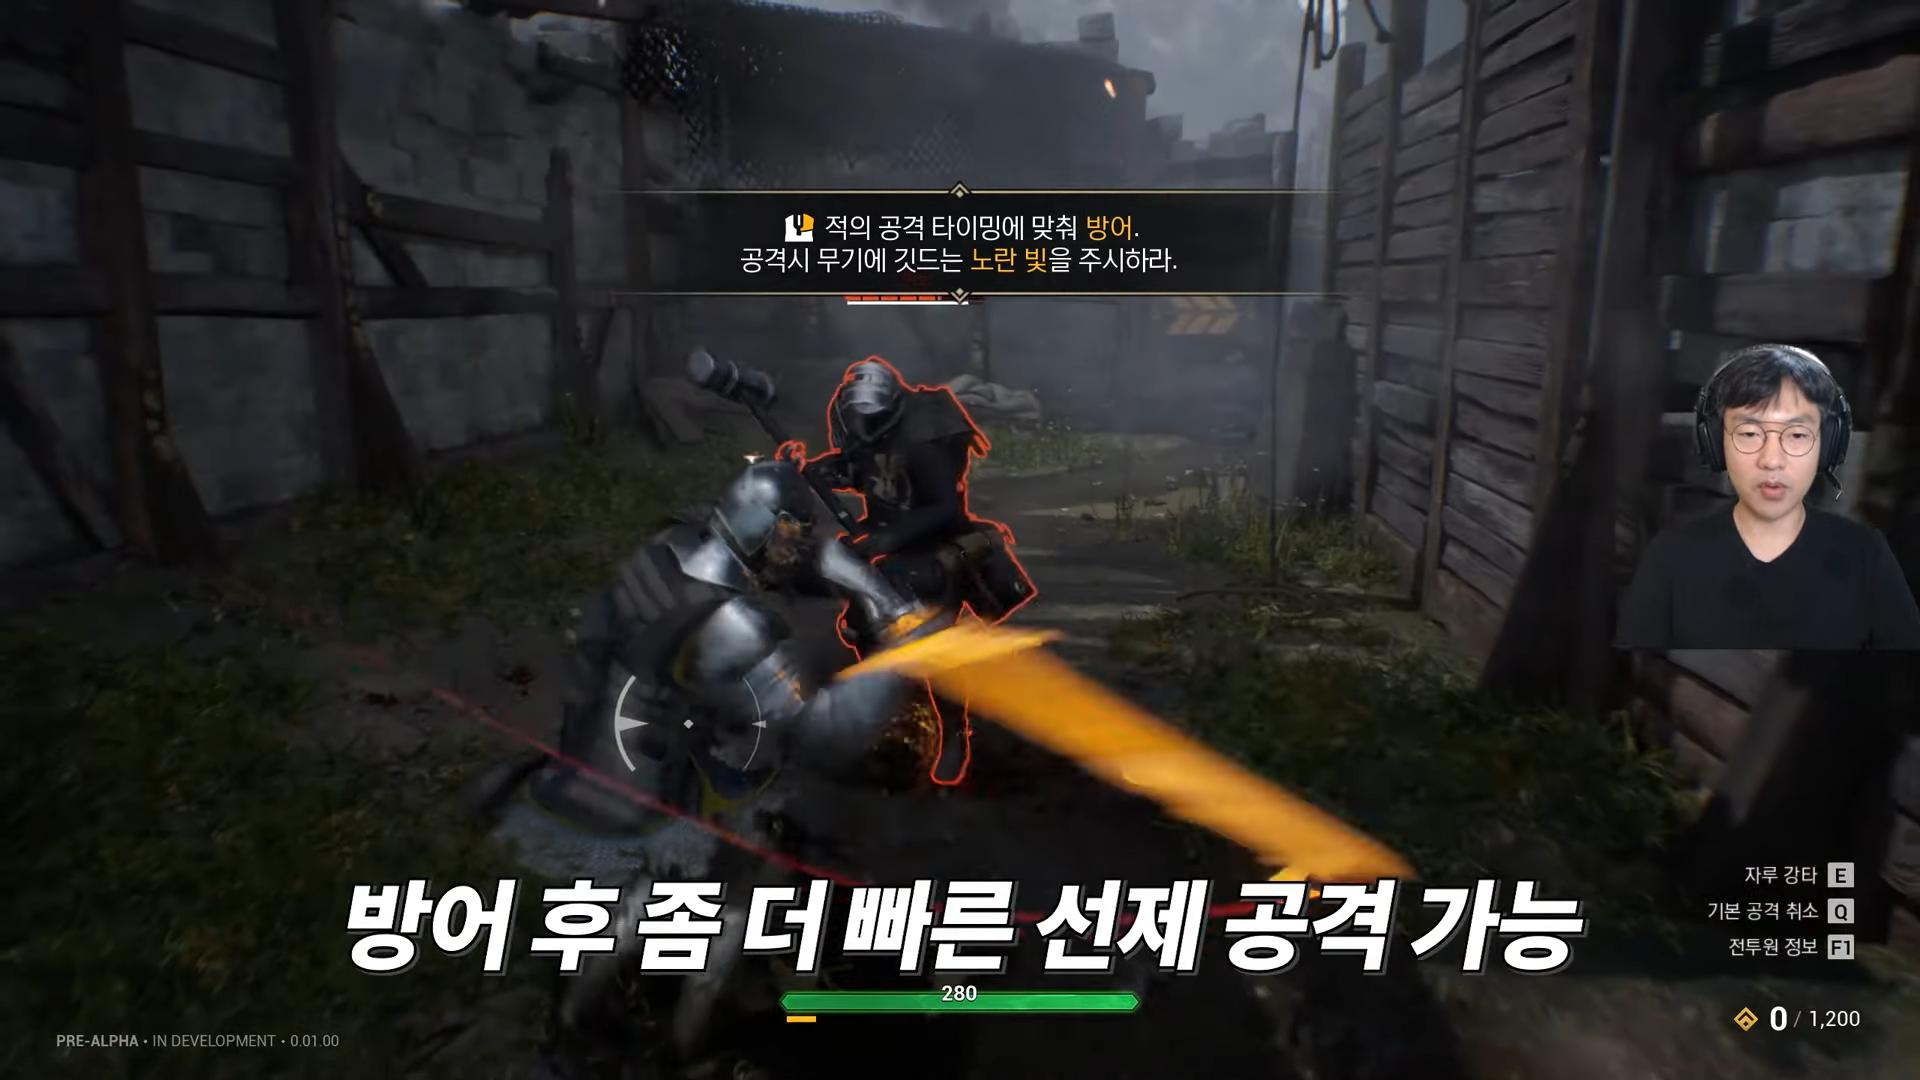 [프로젝트 HP (가제)] 디렉터 플레이 영상 1부 (HP 및 캐릭터 소개) 13-58 screenshot.png